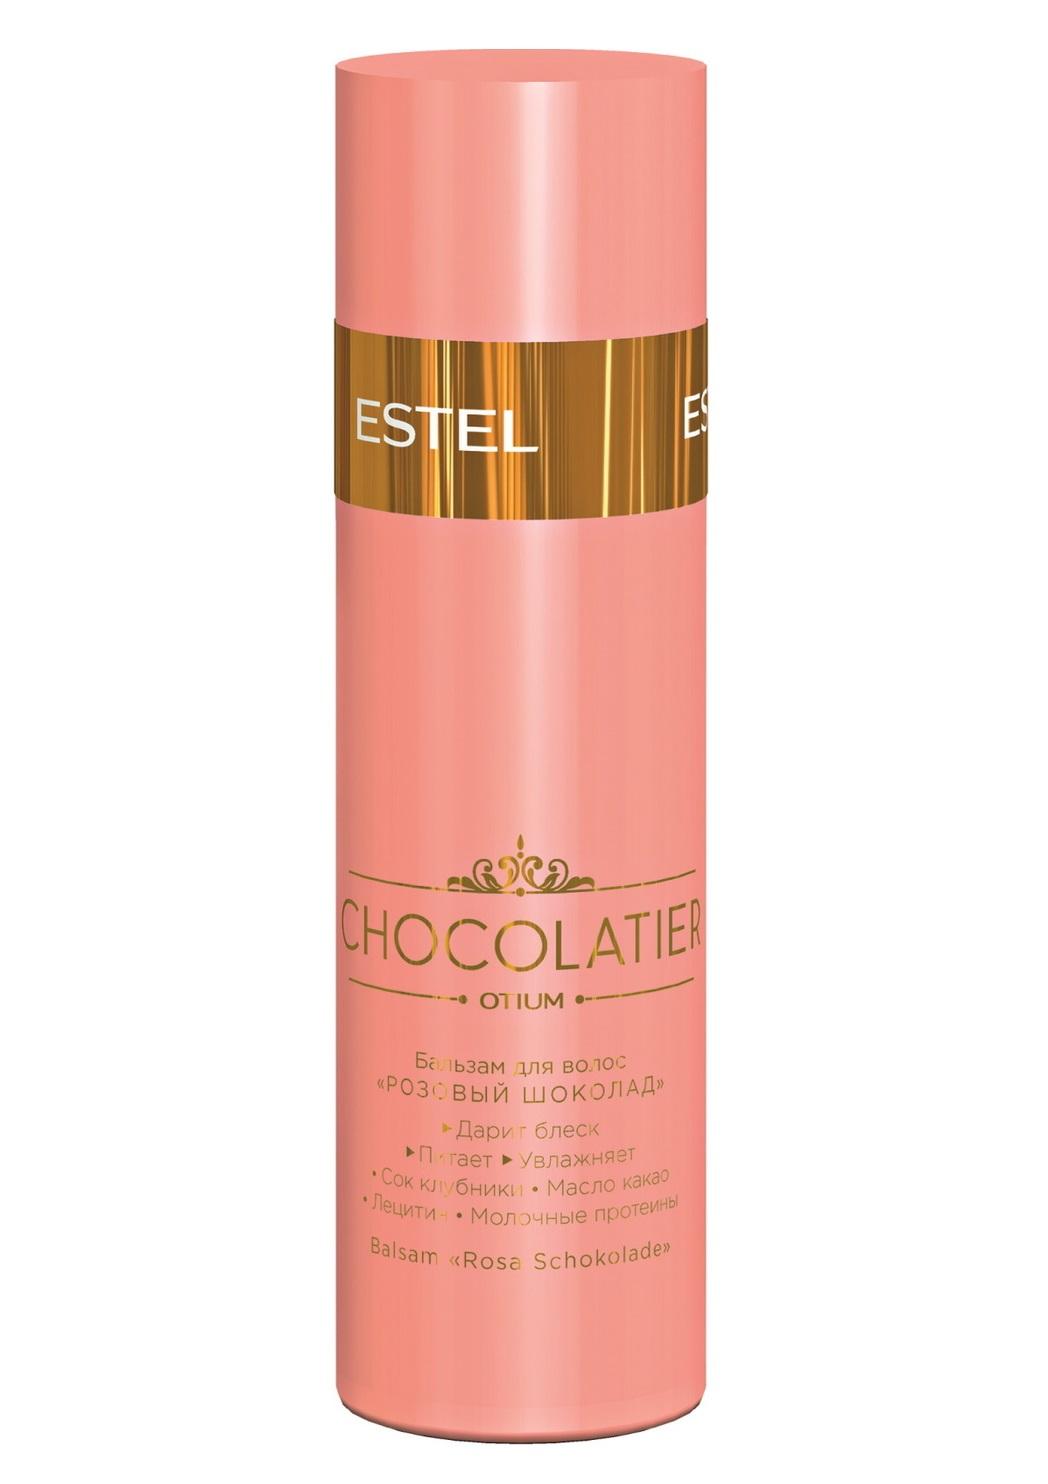 ESTEL PROFESSIONAL Бальзам для волос Розовый шоколад / CHOCOLATIER 200 мл фото